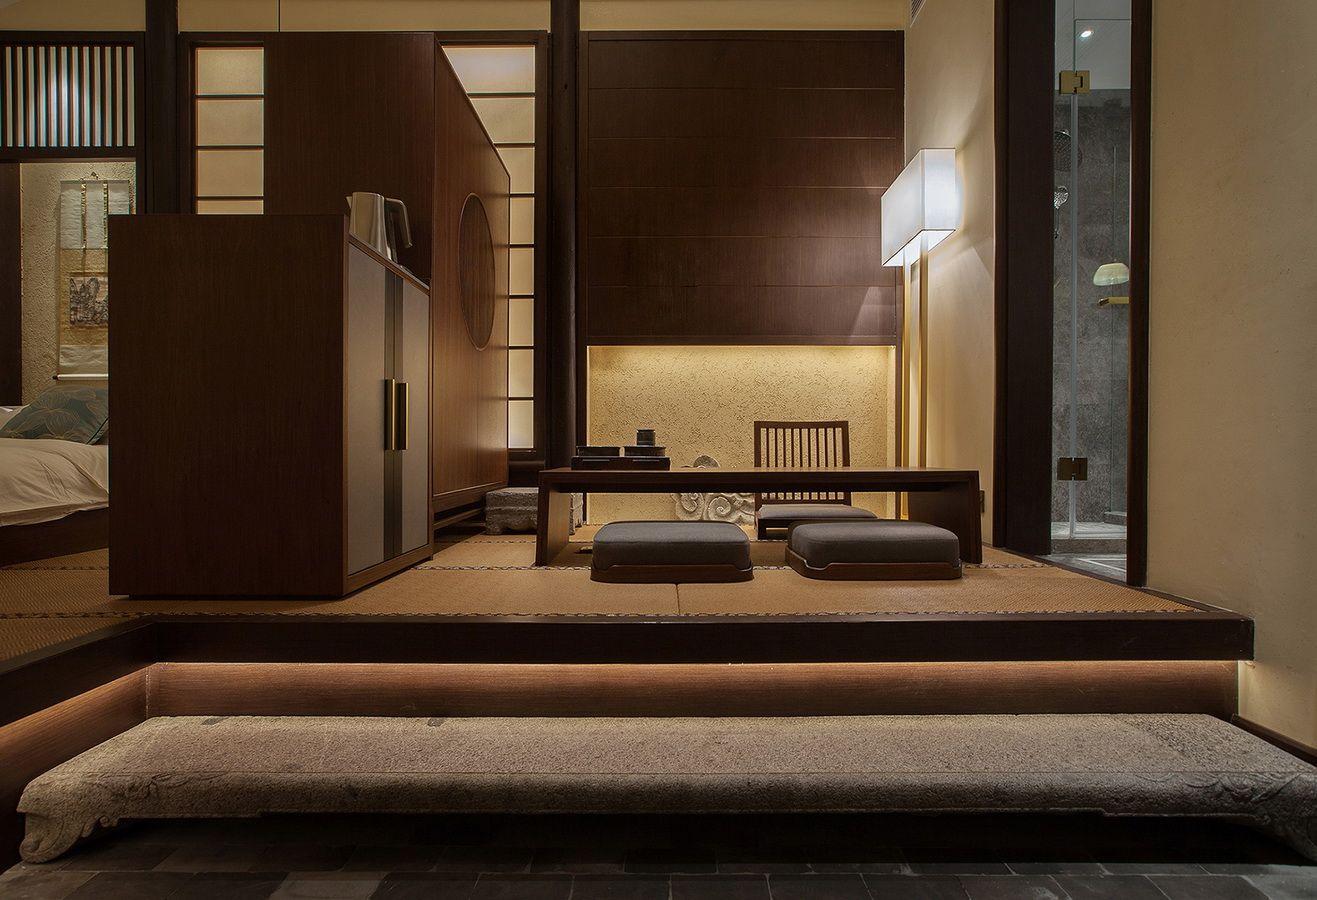 设计公司 杭州卧野空间设计有限公司项目名称 觀芷 翠陌民宿酒店